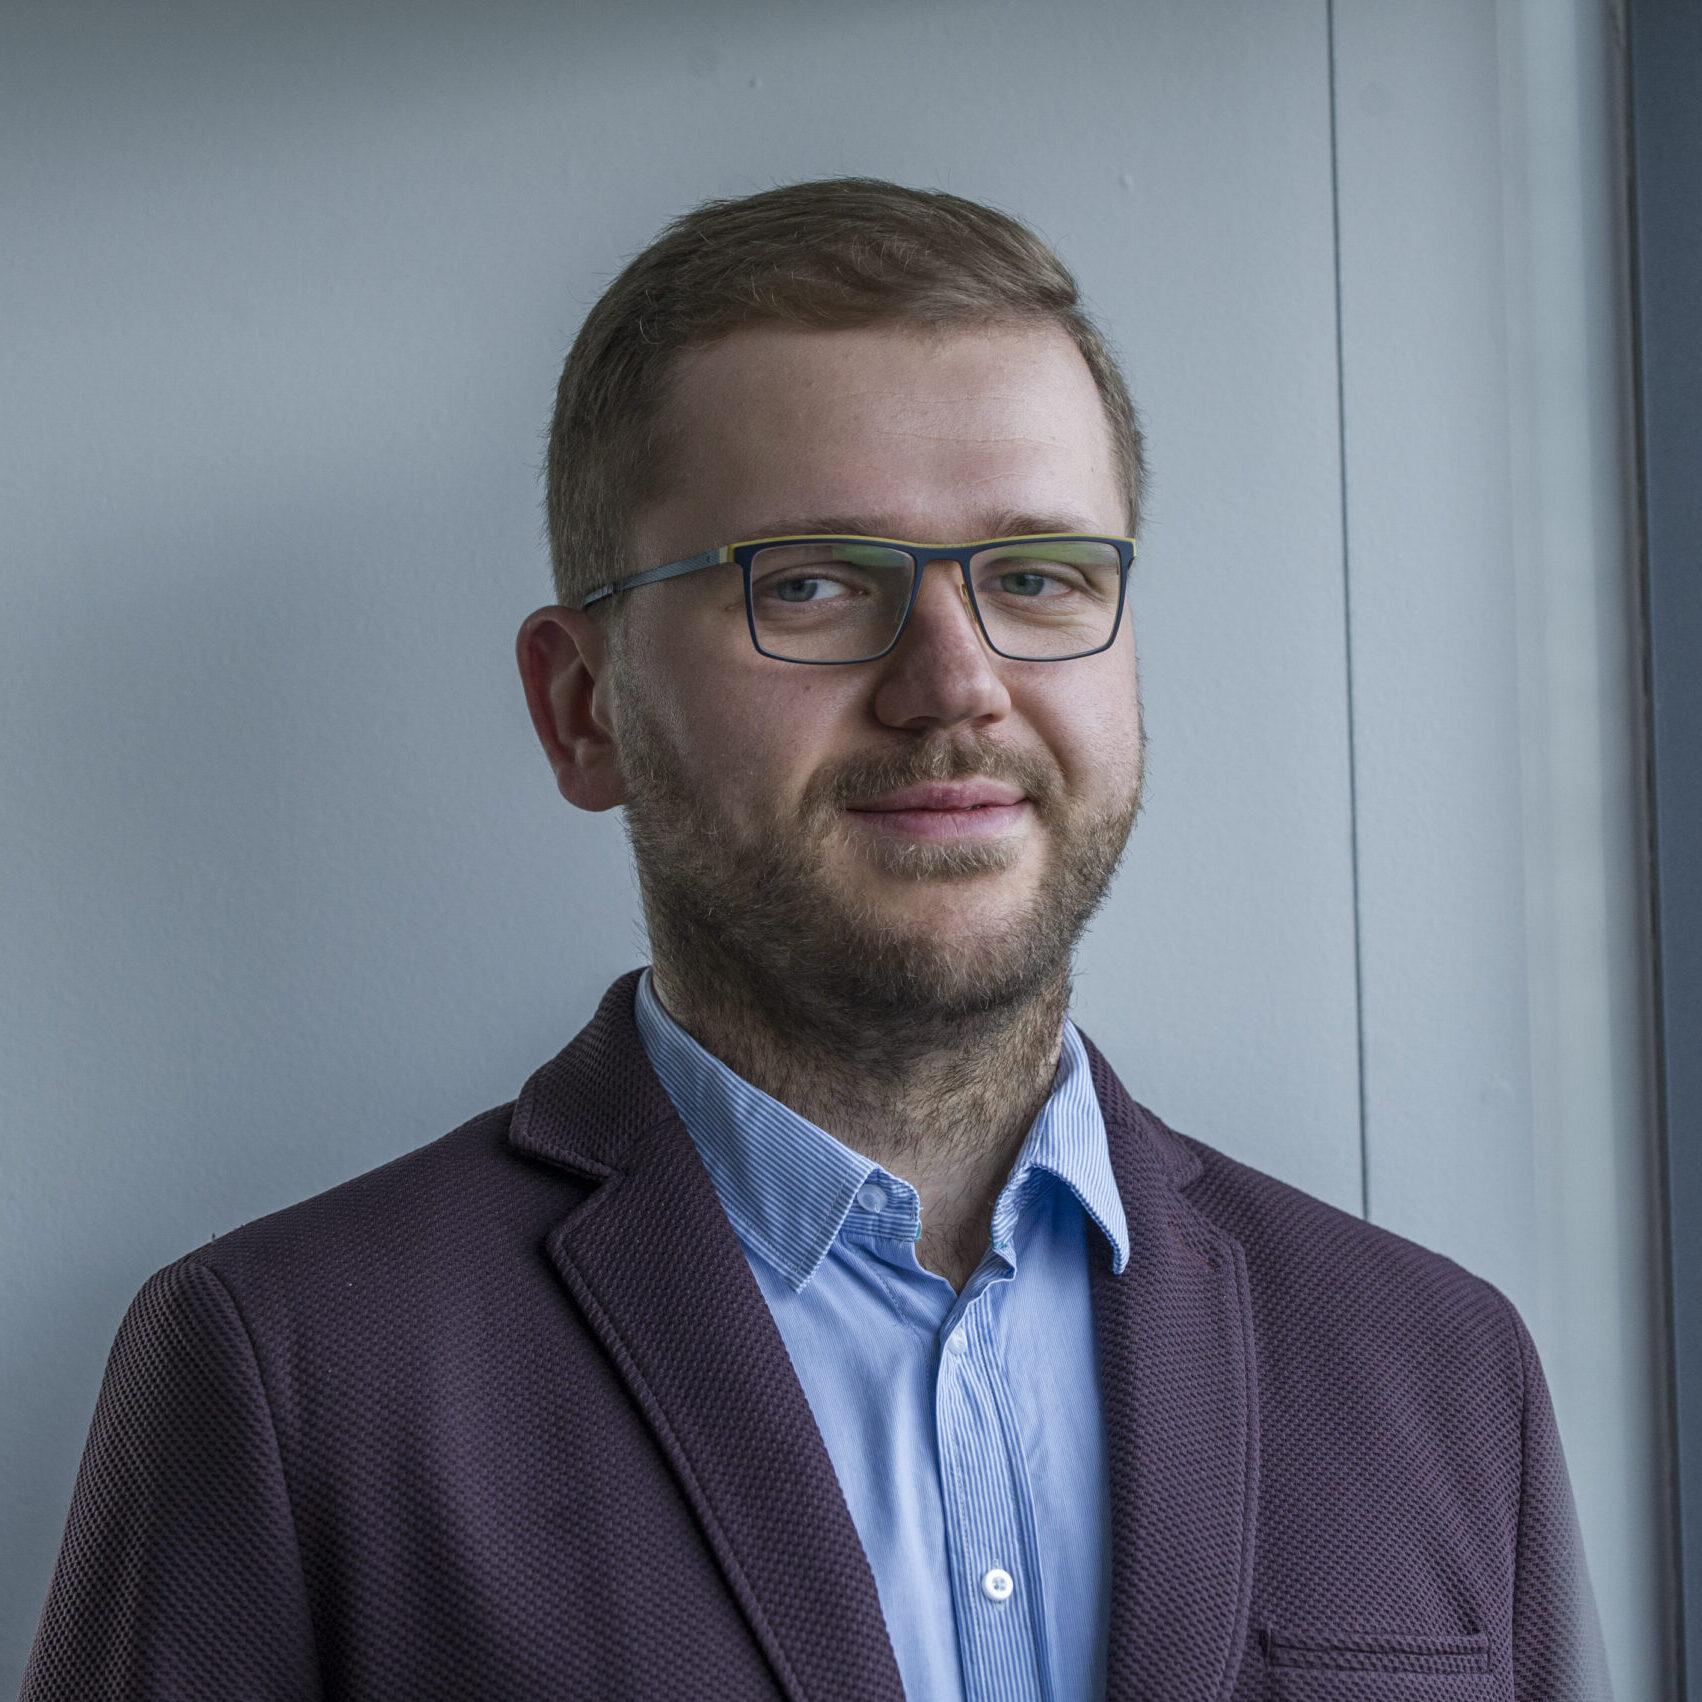 Bartosz Bartosik